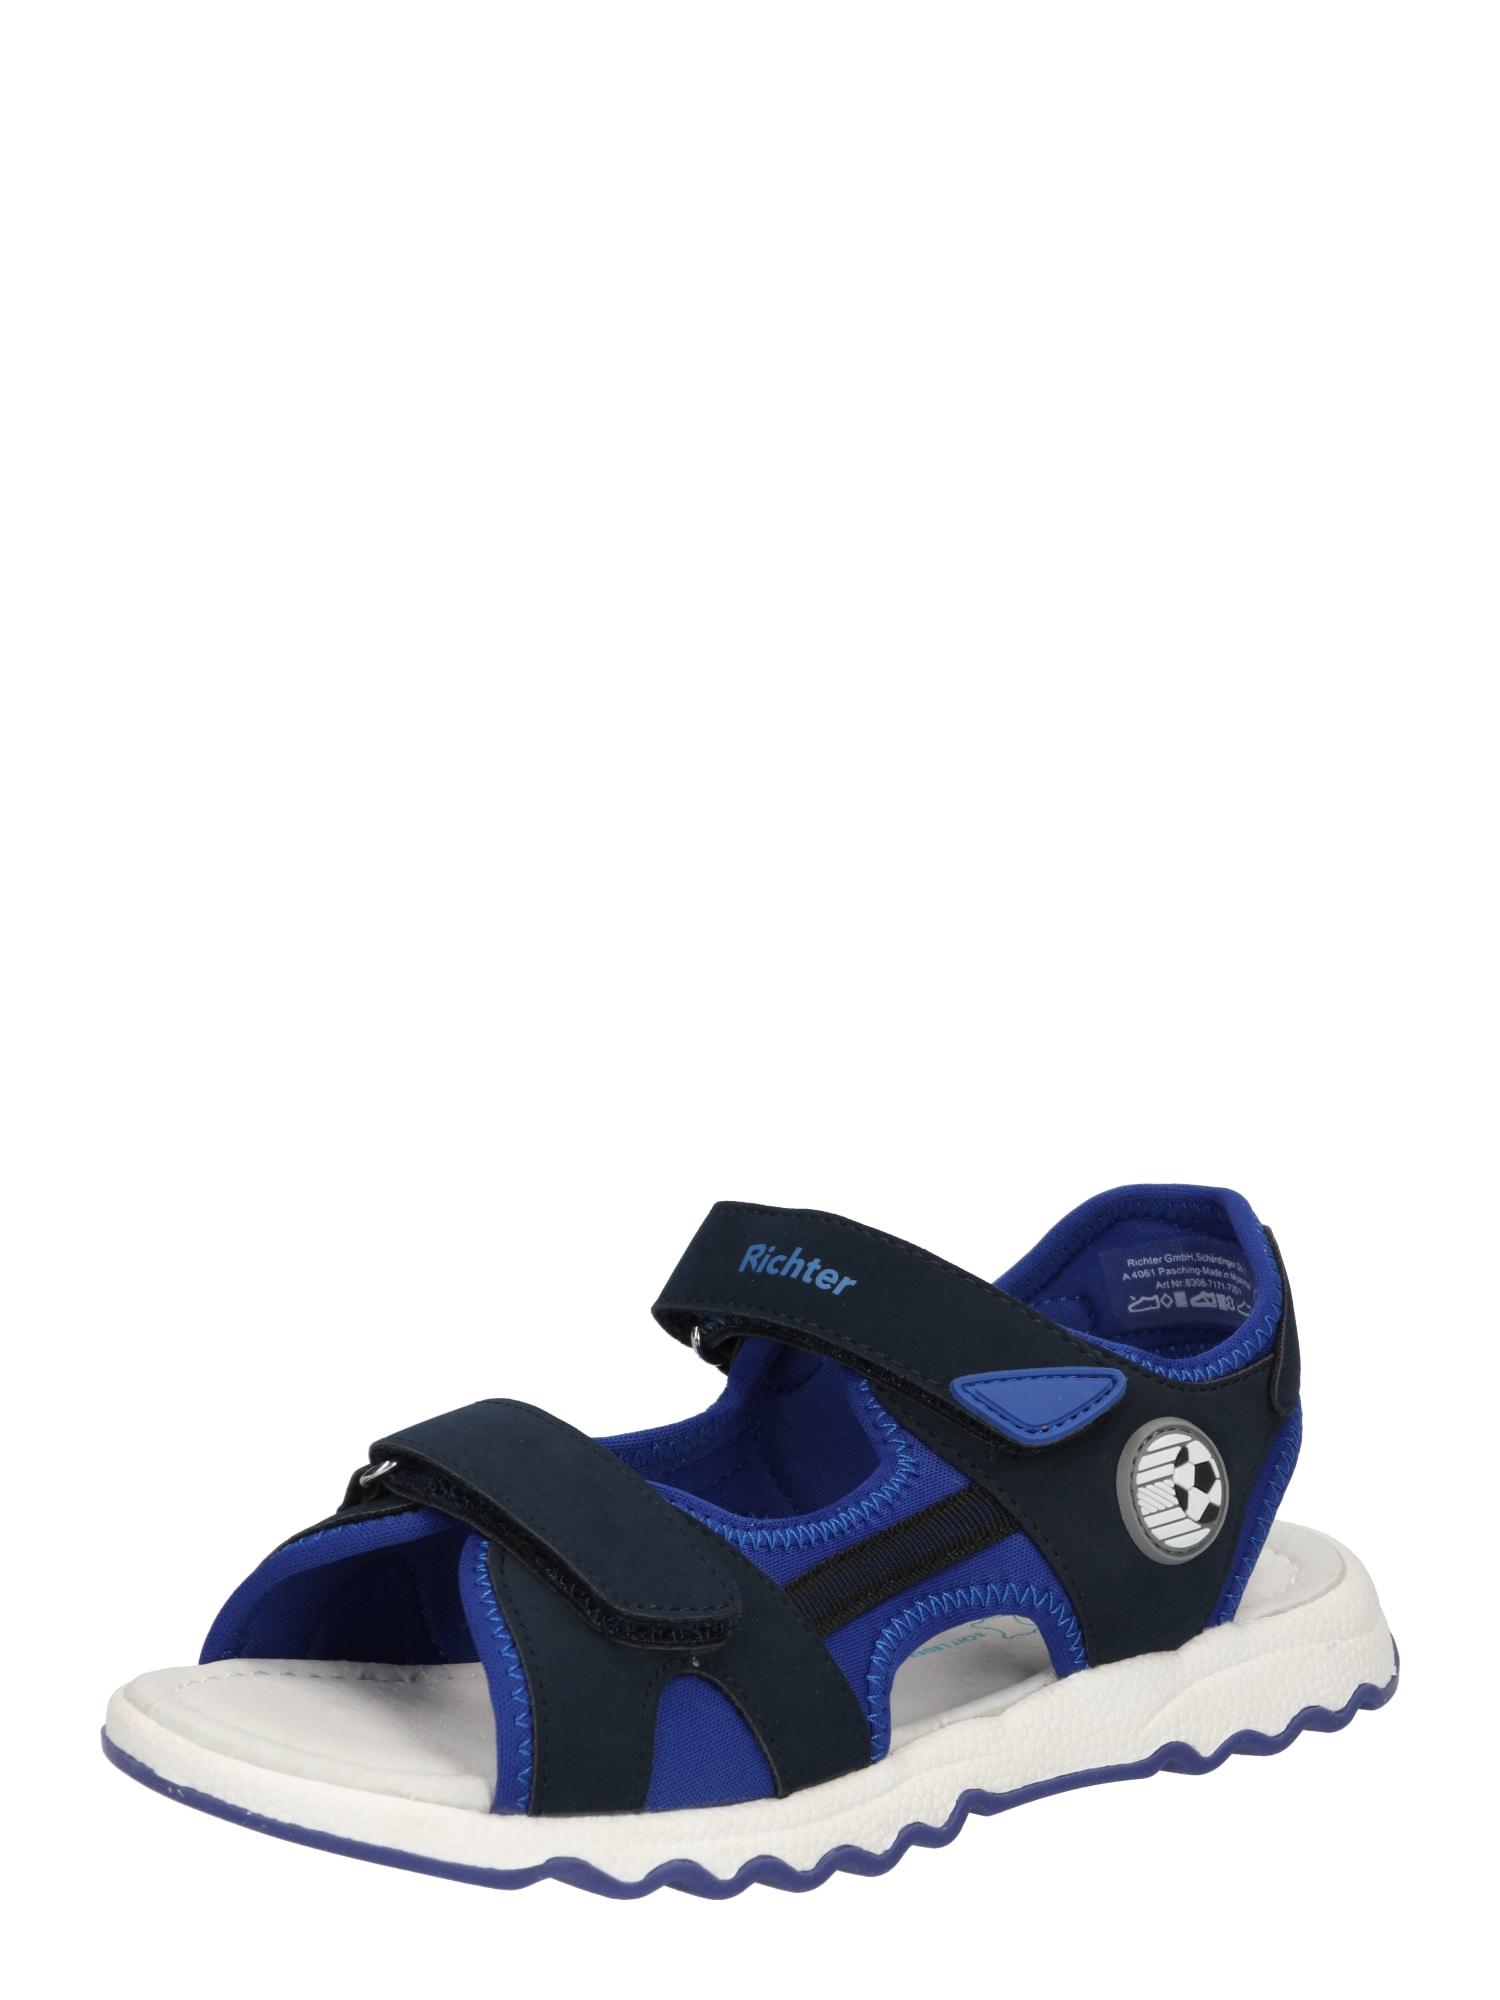 RICHTER Atviri batai mėlyna / tamsiai mėlyna